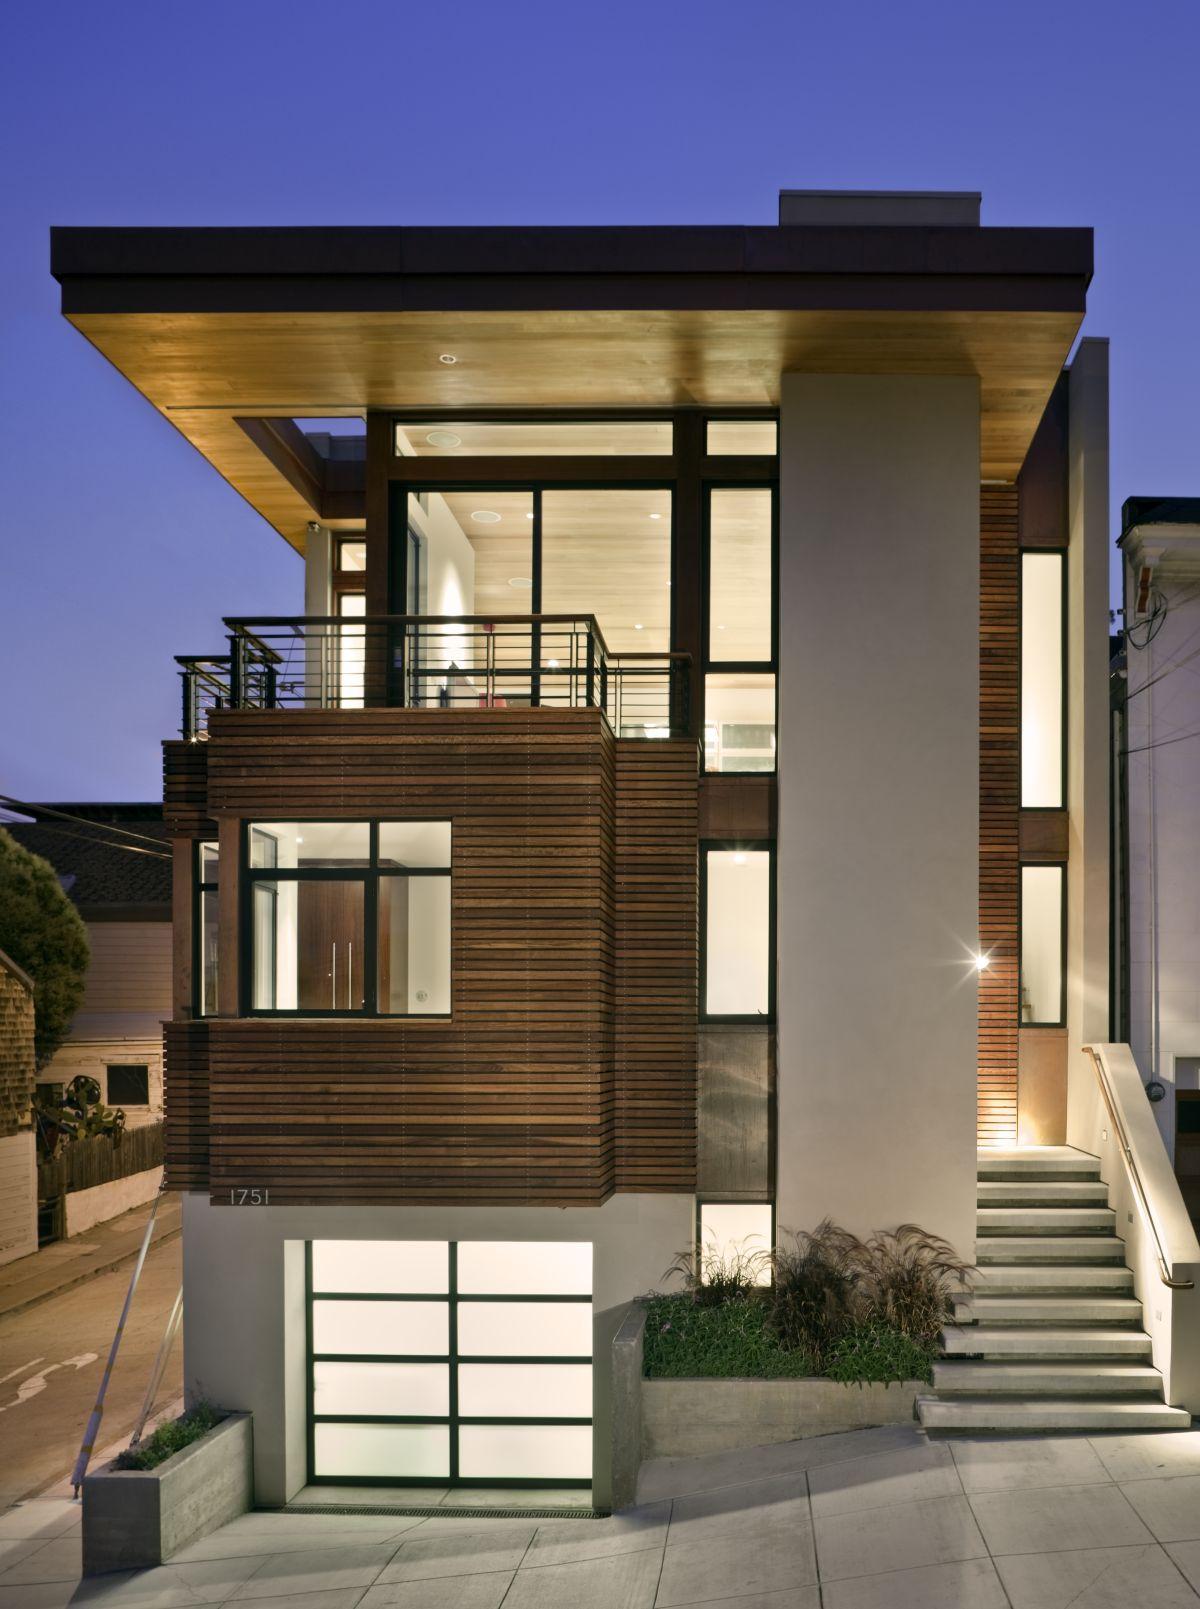 Проекты домов / интересное / данный дом был спроектирован st.